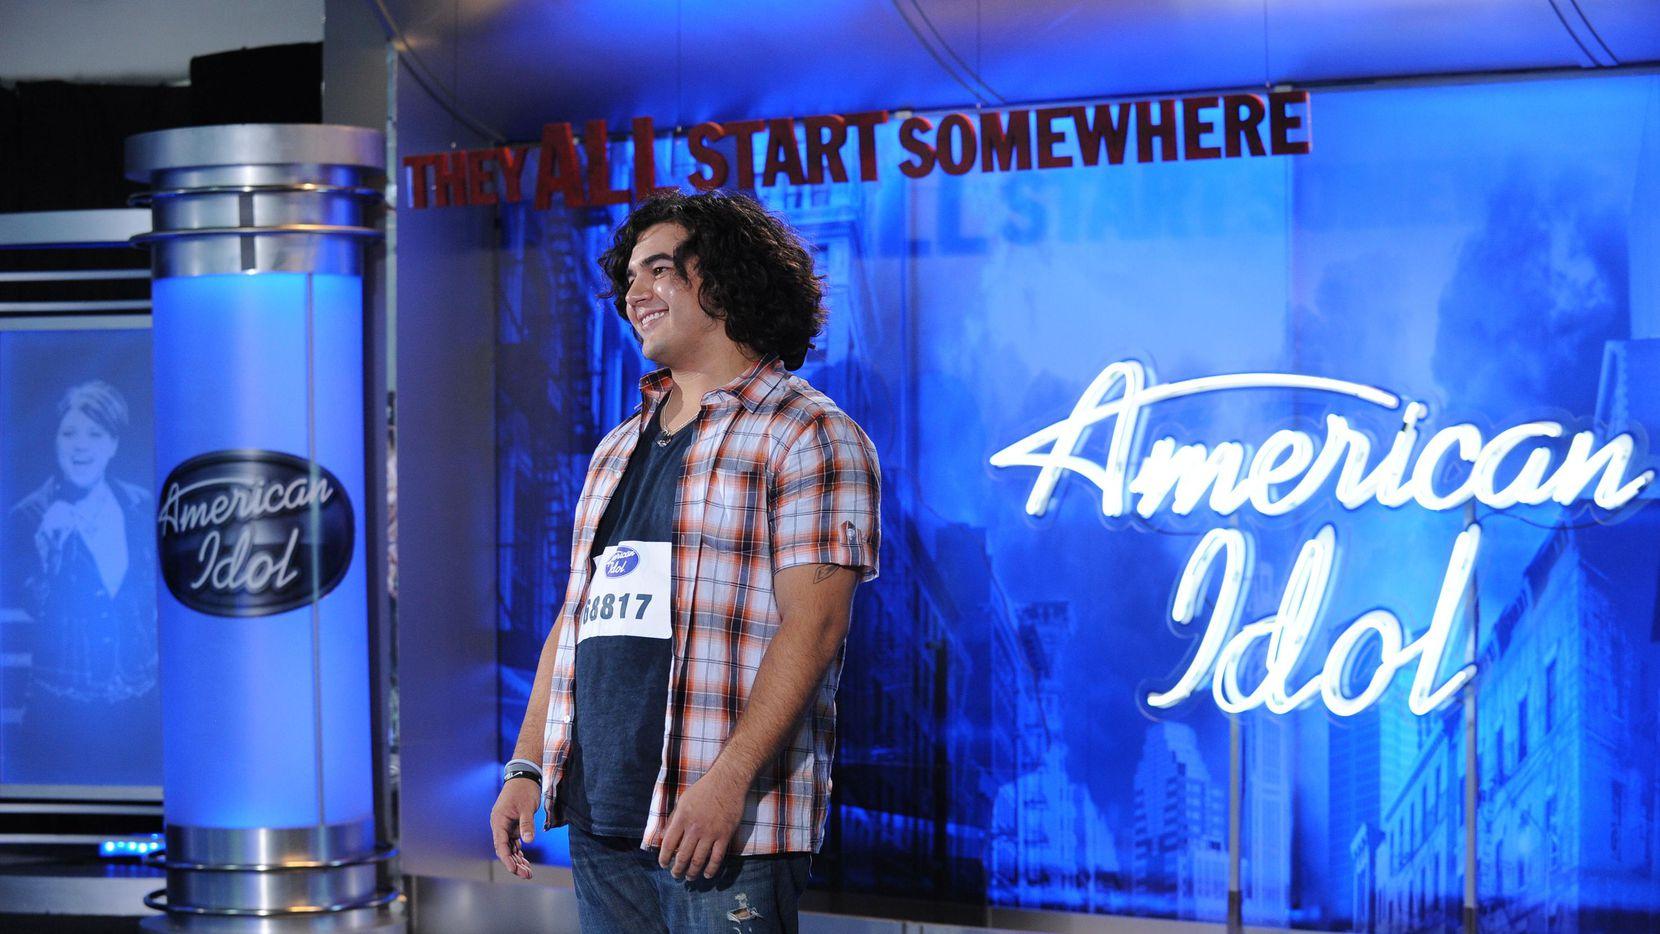 El concursante Chris Meida se presentó a una audición de American Idol en octubre de 2010.(AP)